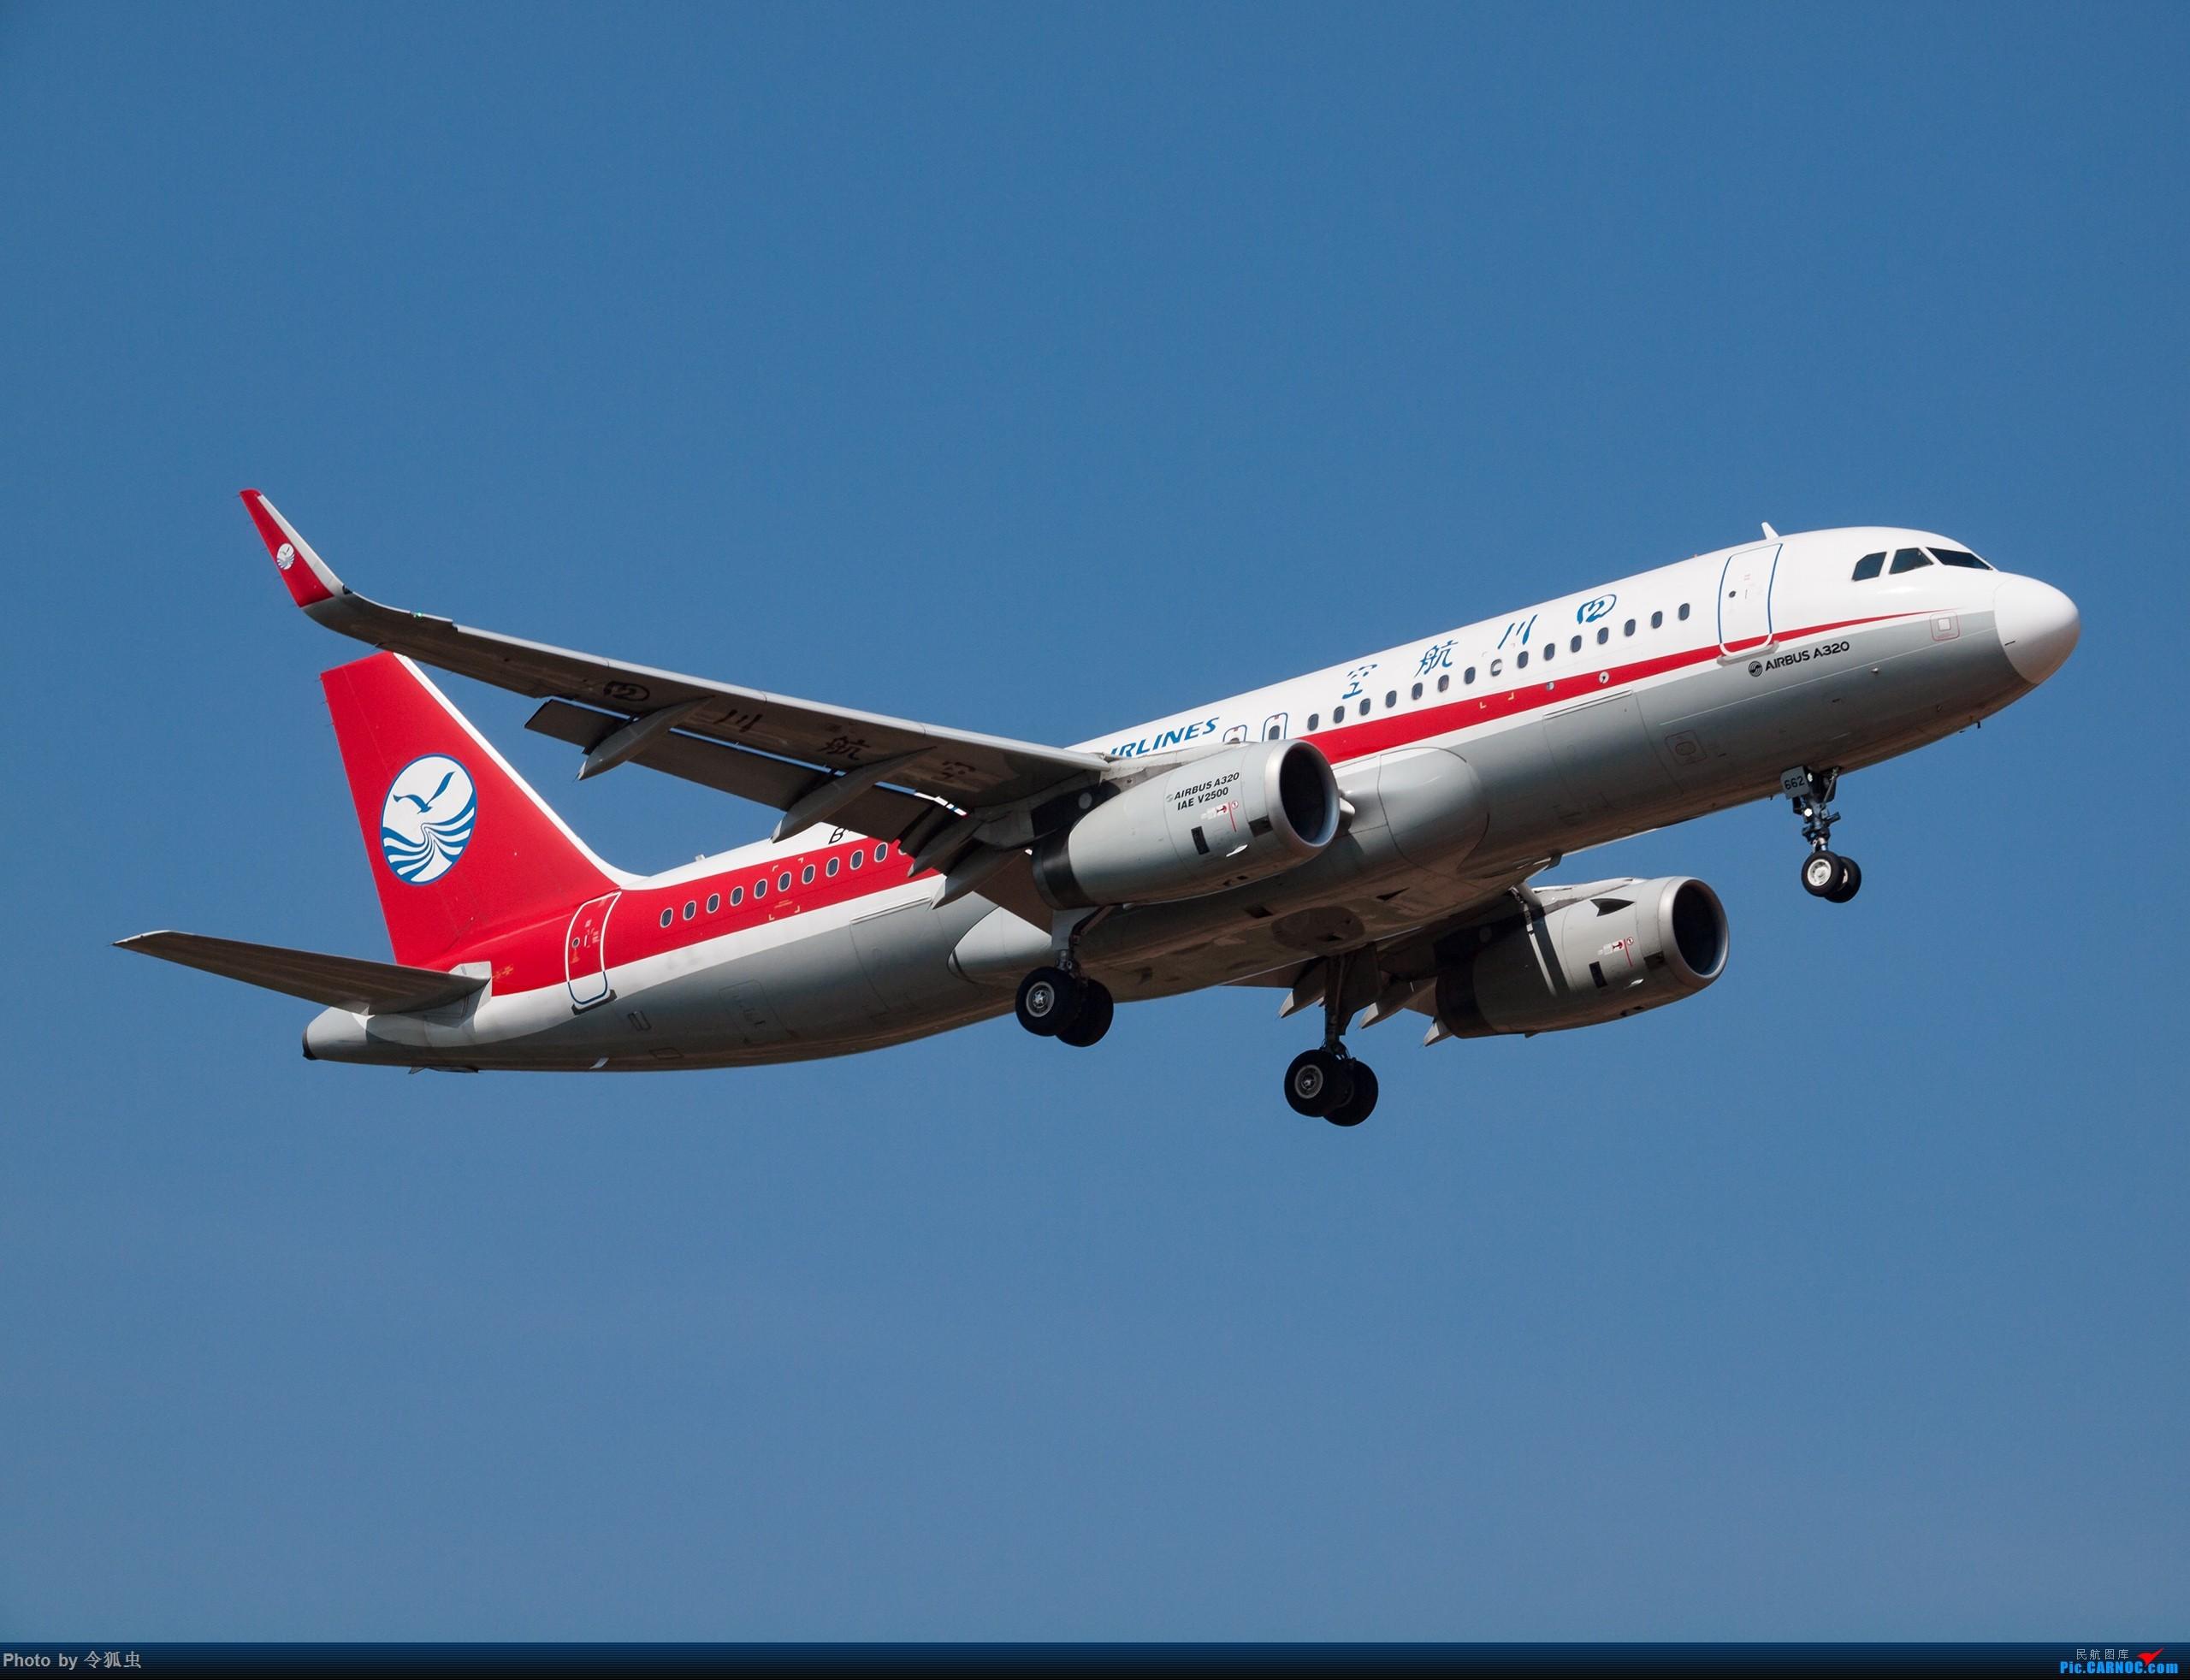 国际航班3u610航班时刻(中国四川航空公司)查询在t几下